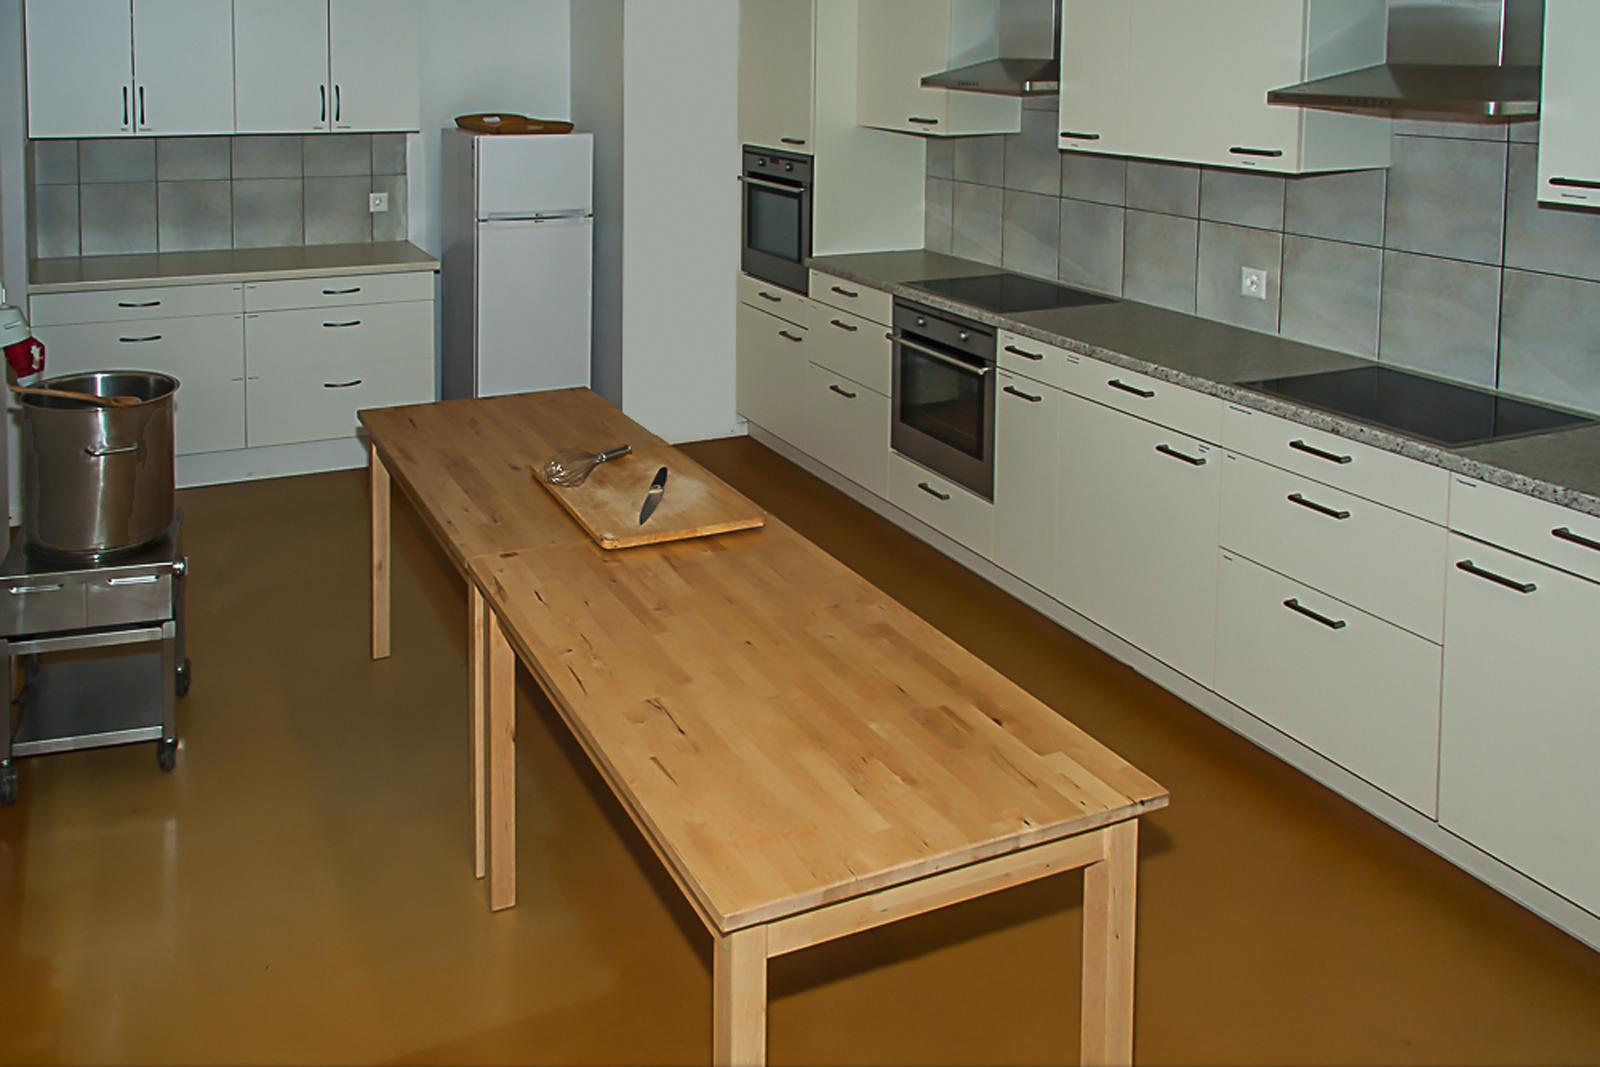 kuchen 60 personen beliebte rezepte f r kuchen und geb ck foto blog. Black Bedroom Furniture Sets. Home Design Ideas